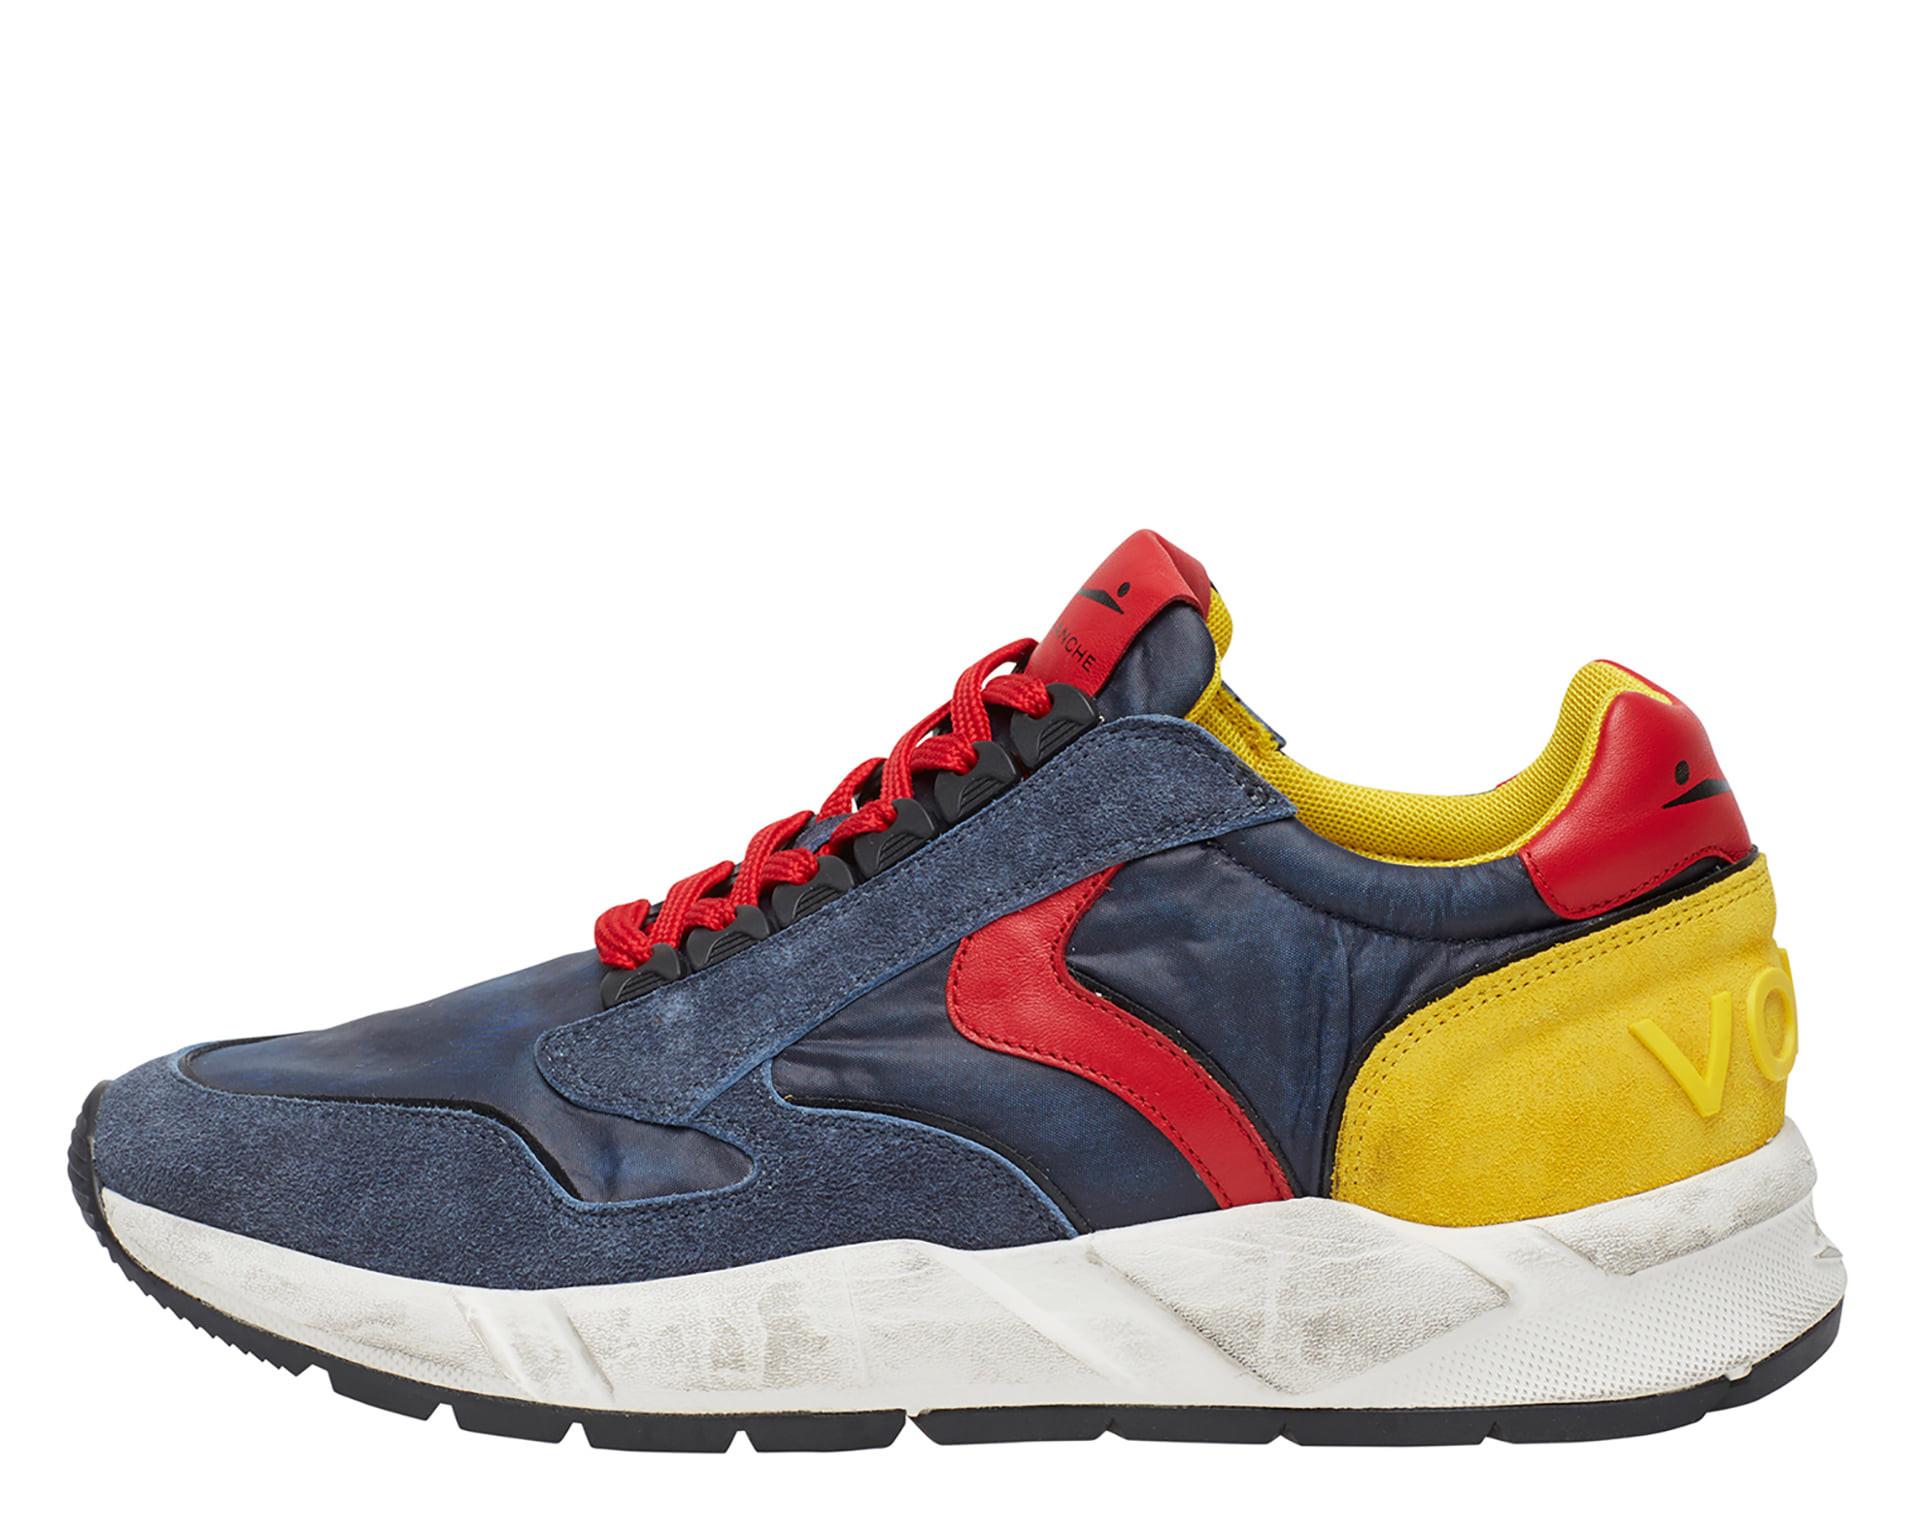 ARPOLH EYELET - Sneakers in pelle e tessuto - Blue/Rosso/Giallo